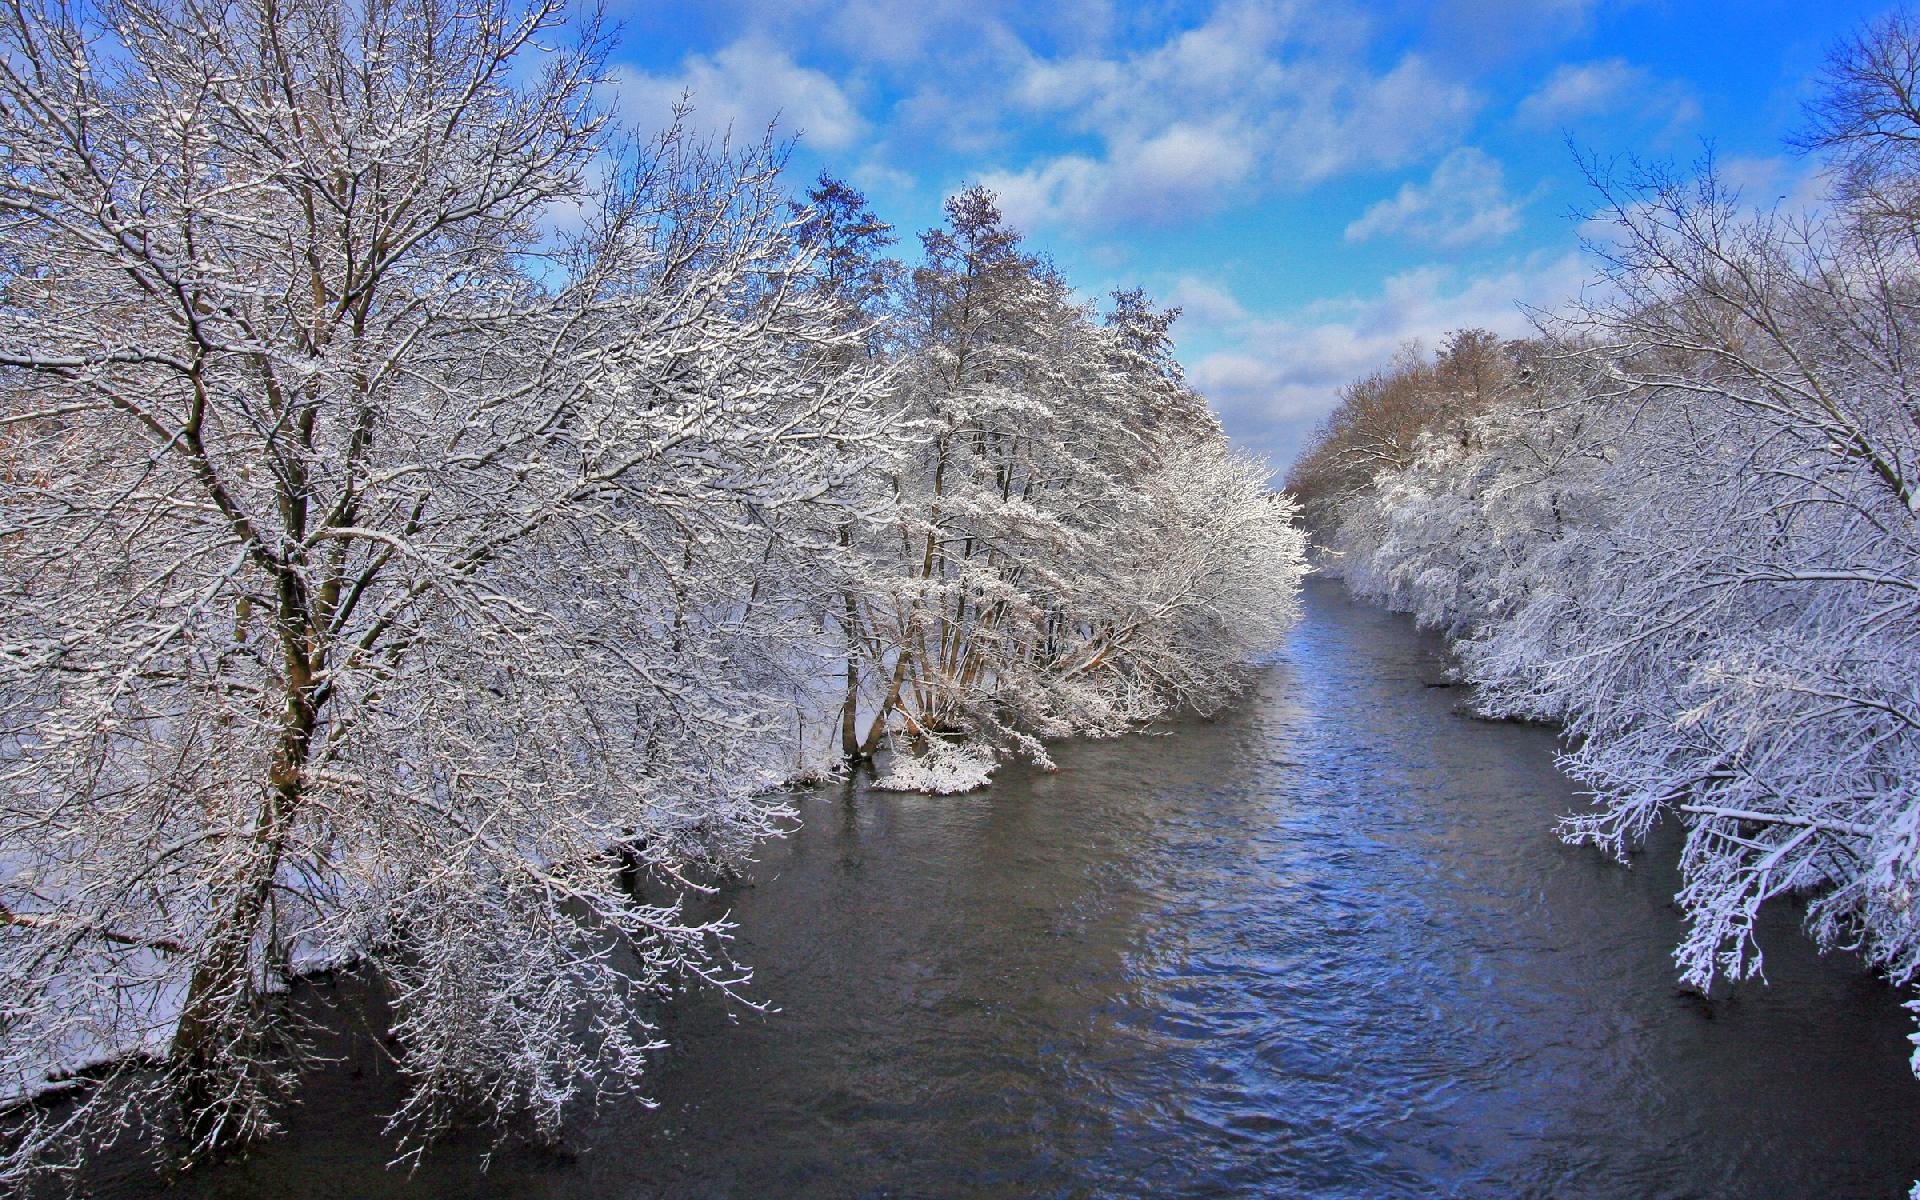 Winter Landscape Wallpaper 435697